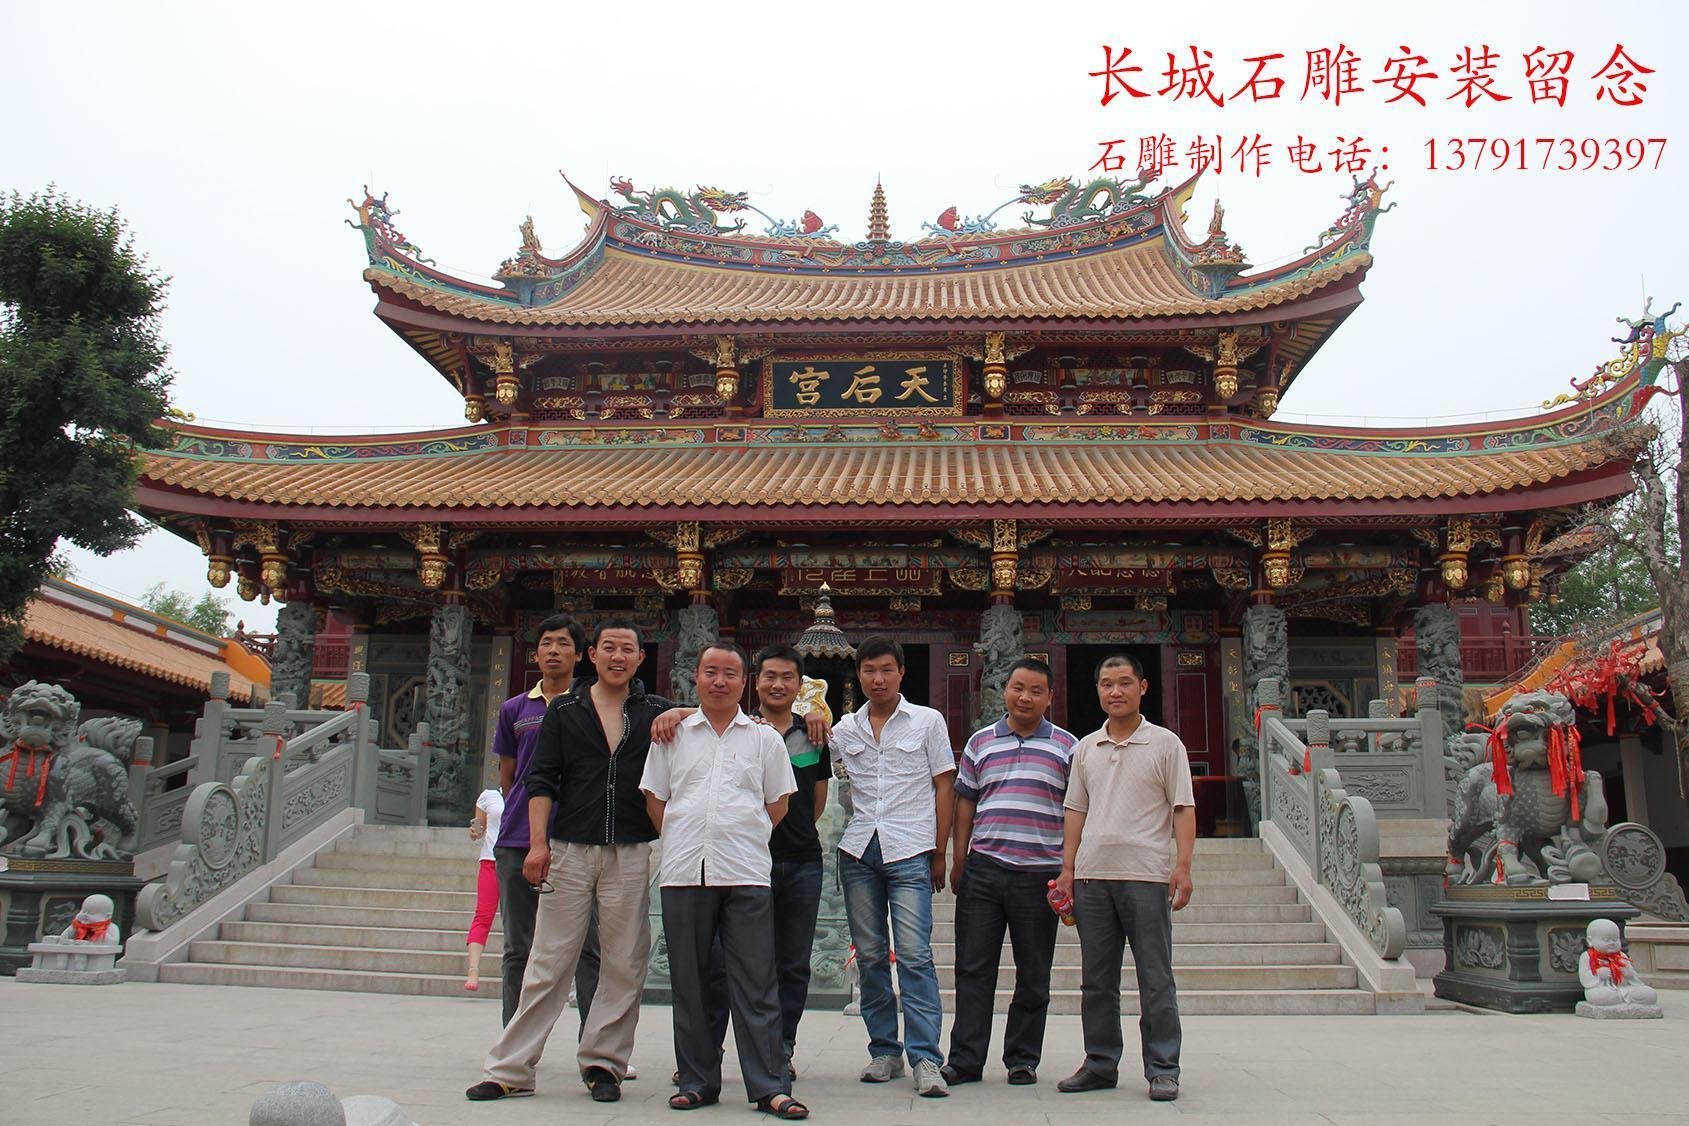 道教宫殿石雕